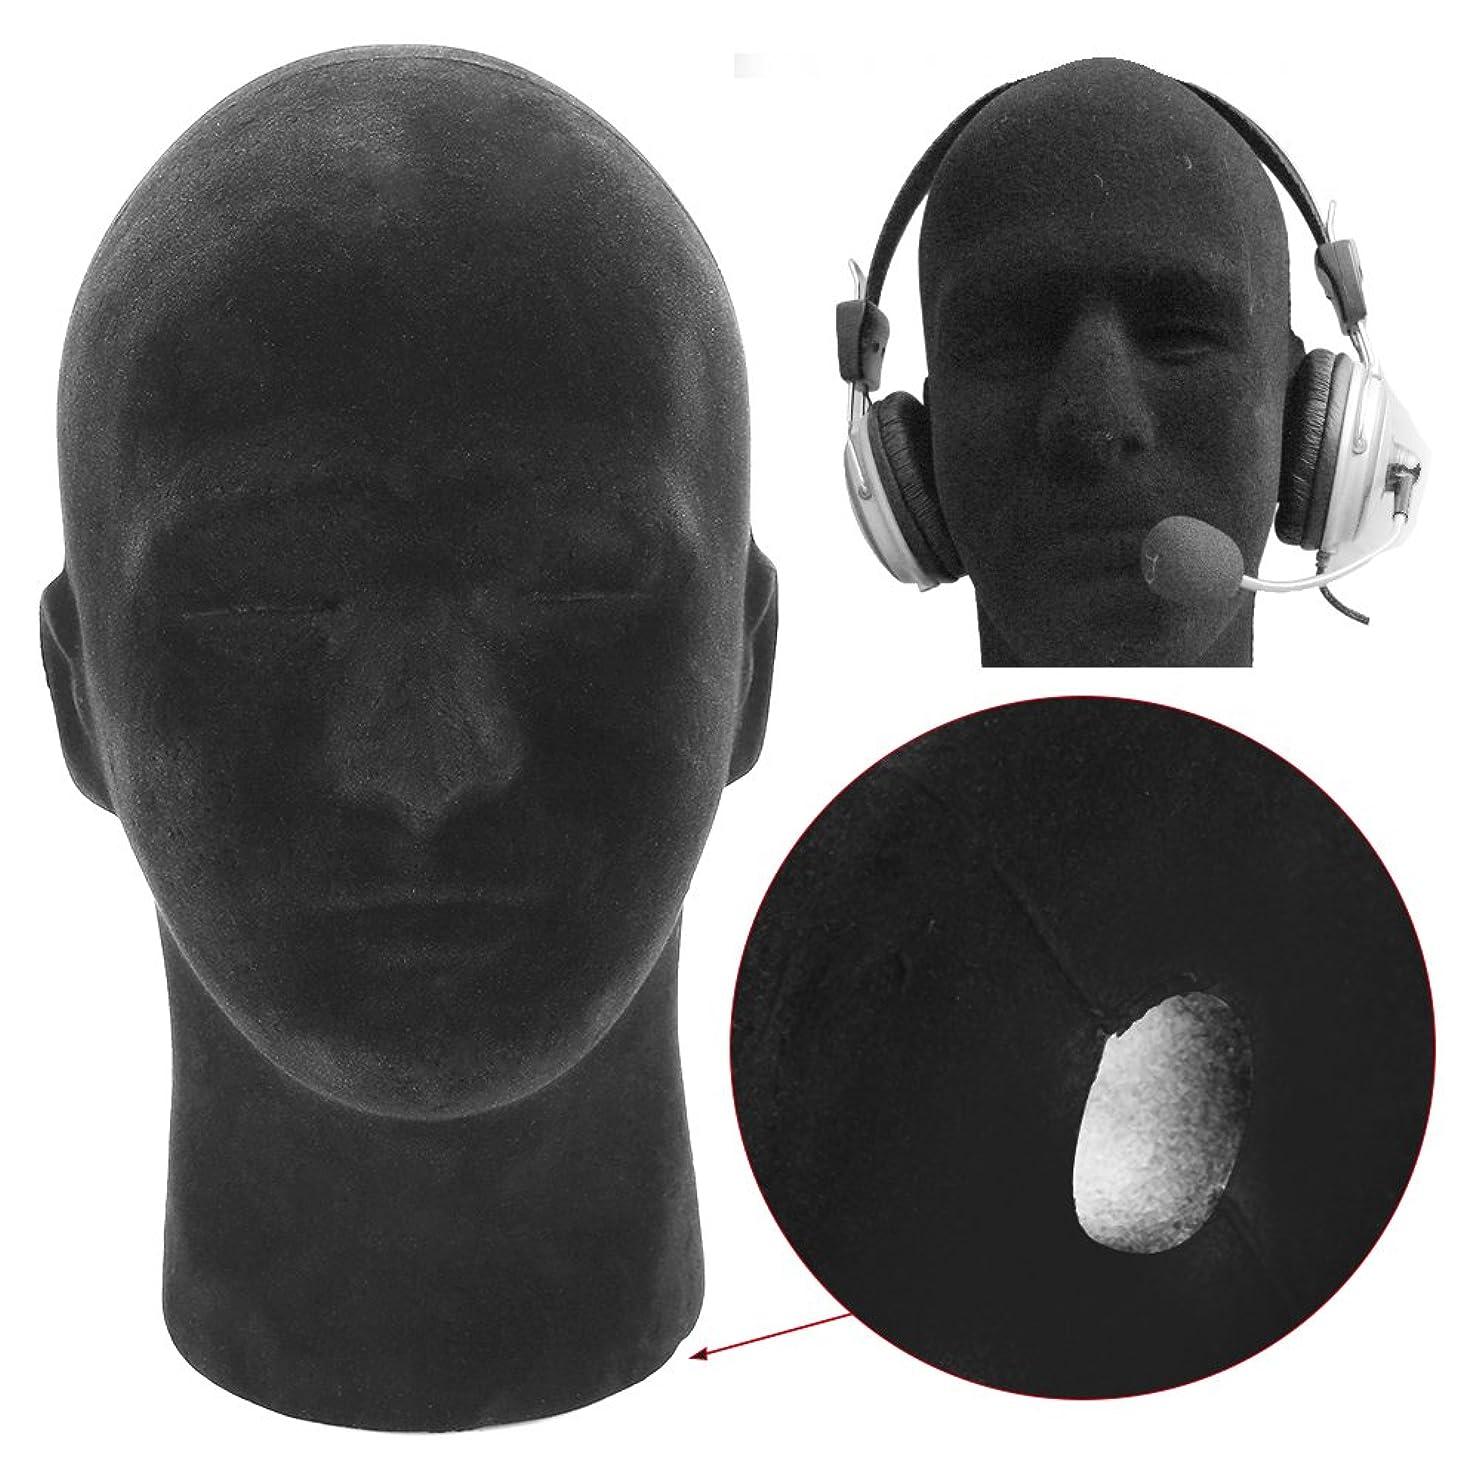 1ピースブラックフォームマネキンマネキンヘッドモデルかつらキャップ帽子表示ディスプレイスタンド